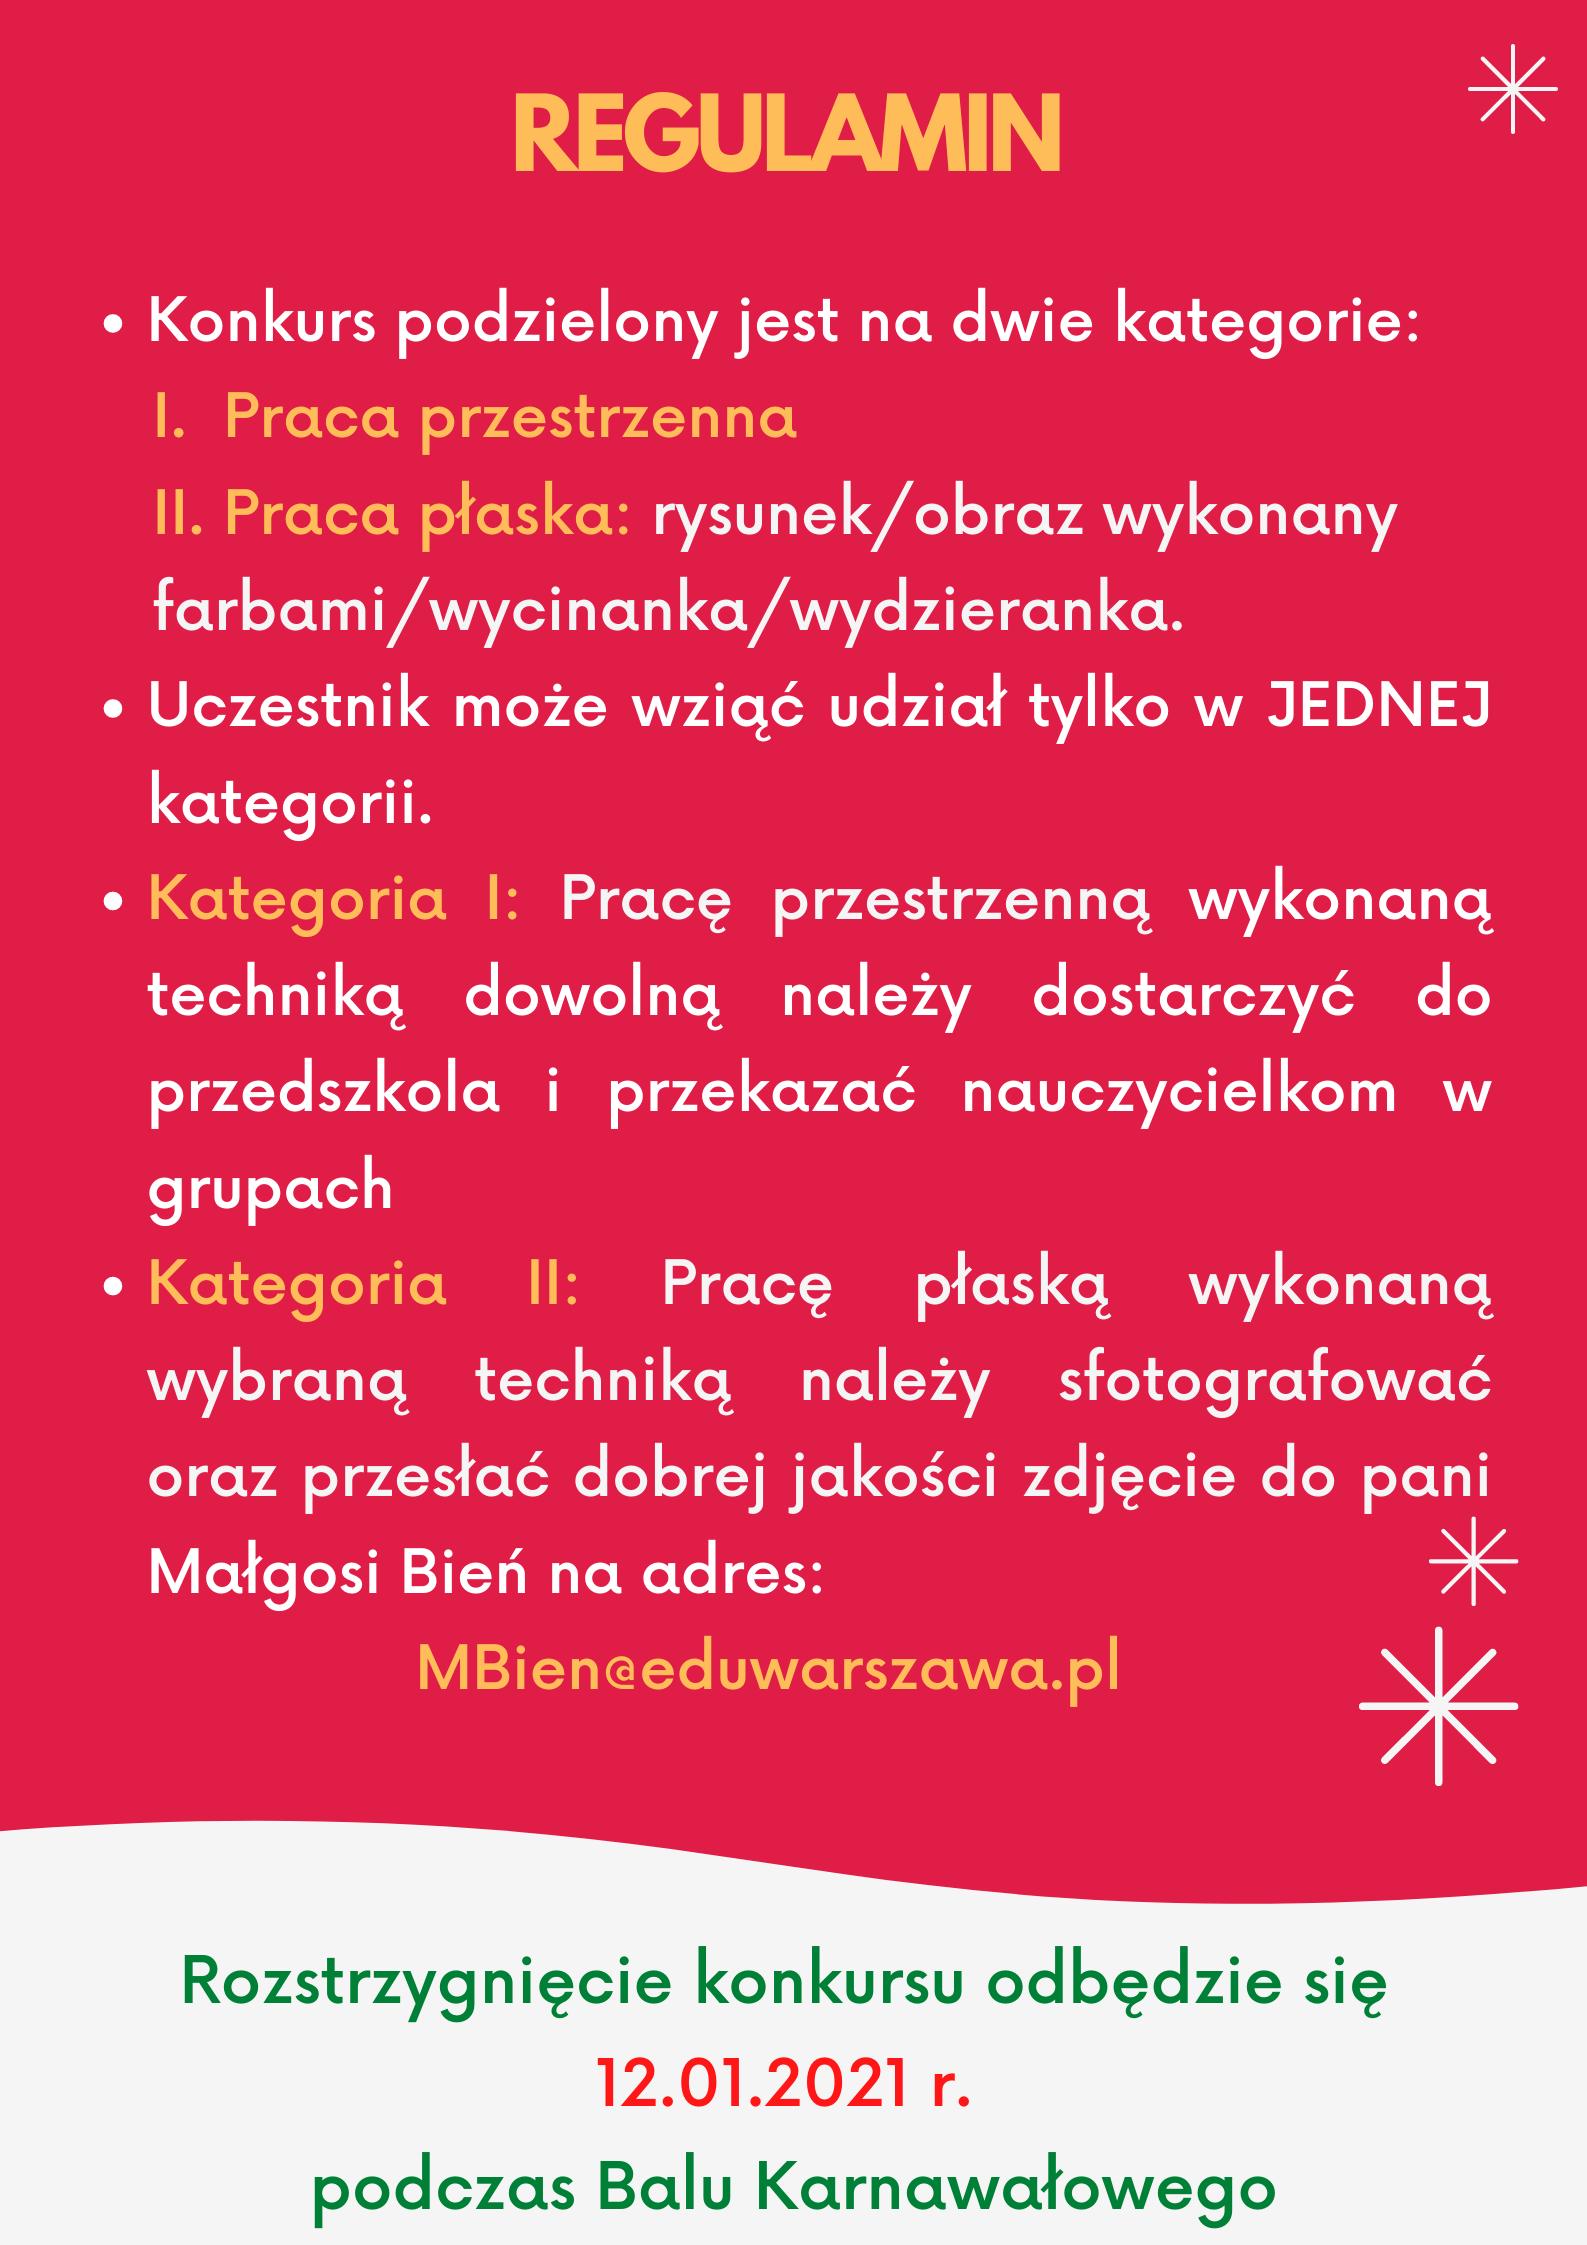 plakat z regulaminem konkursu